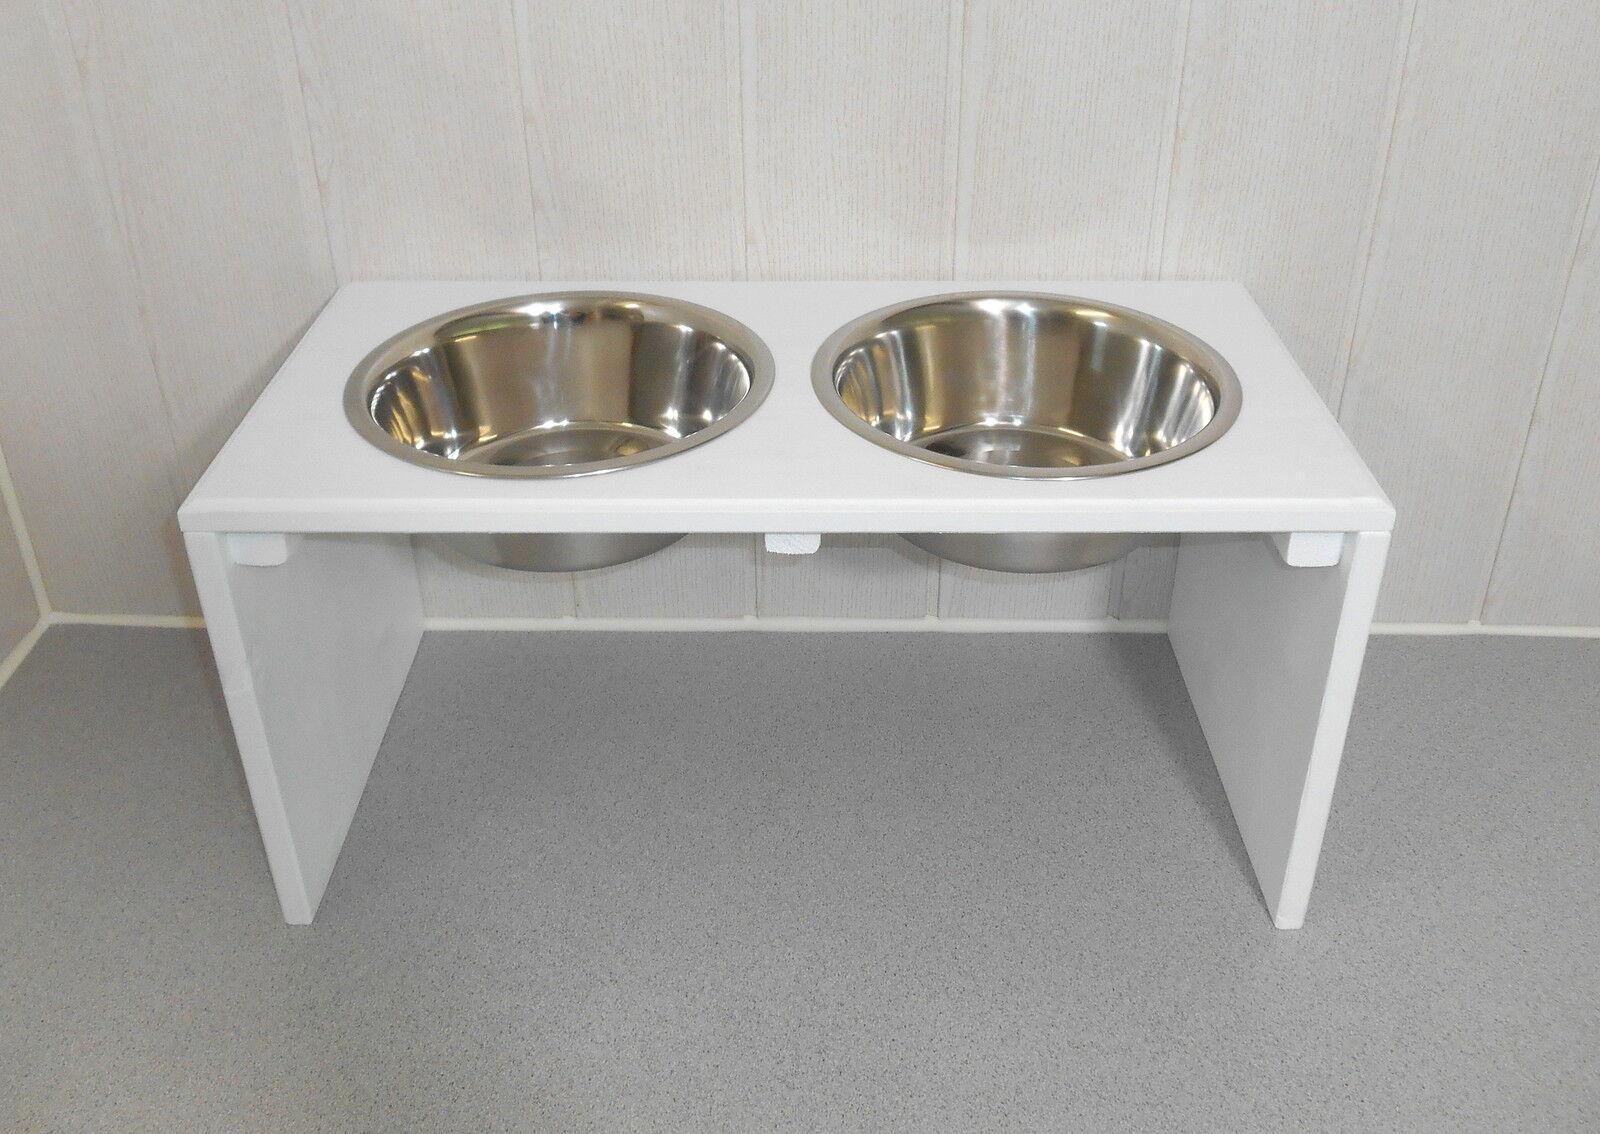 Hundenapf   Hundebar   Futternapf   Napf, Napfbar, weiß. gr. Näpfe  25cm (148)  | Meistverkaufte weltweit